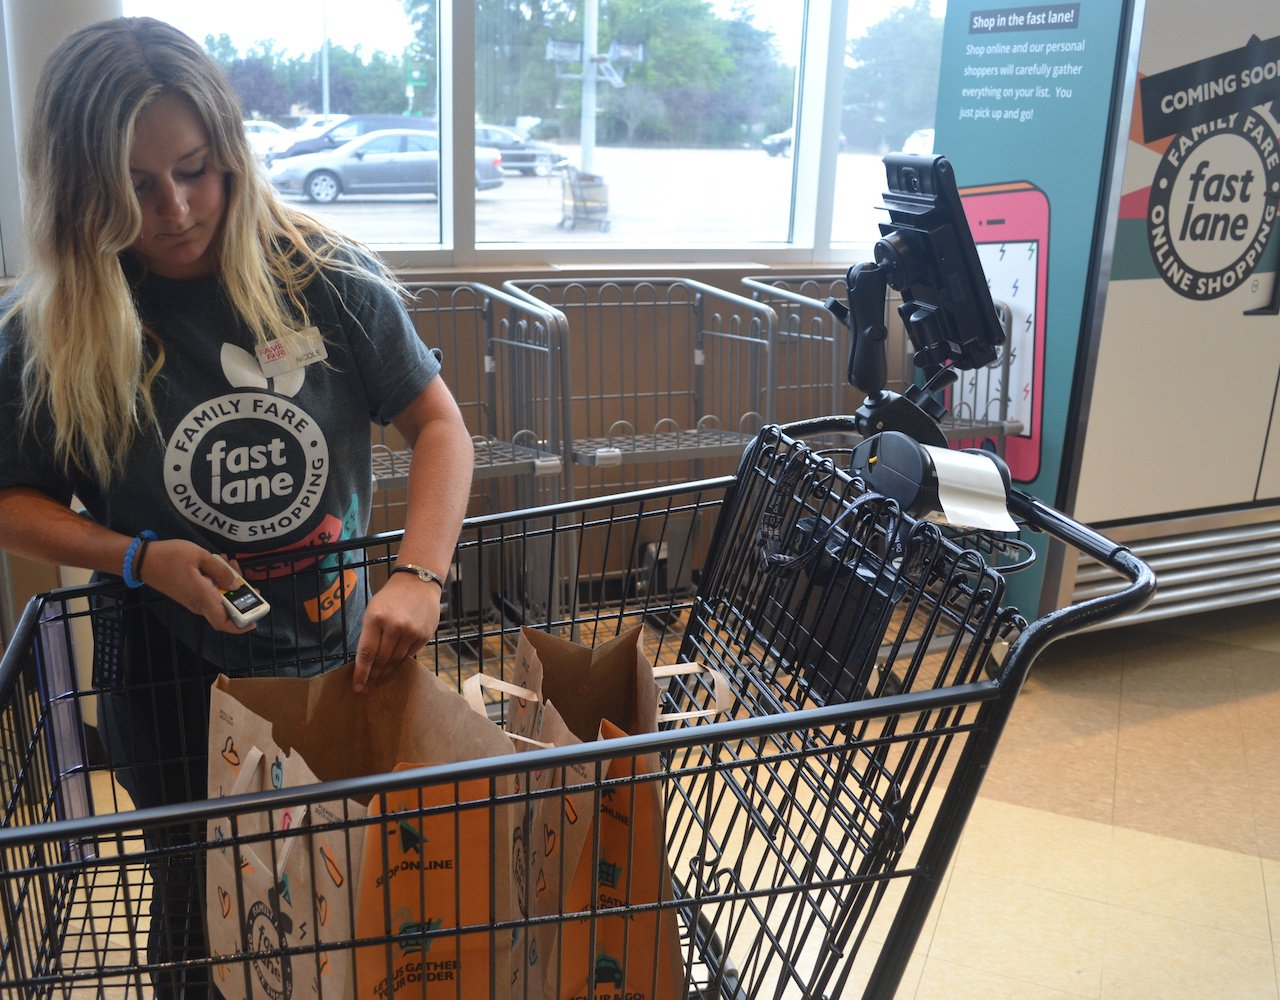 Regional grocers fight back in online grocery war